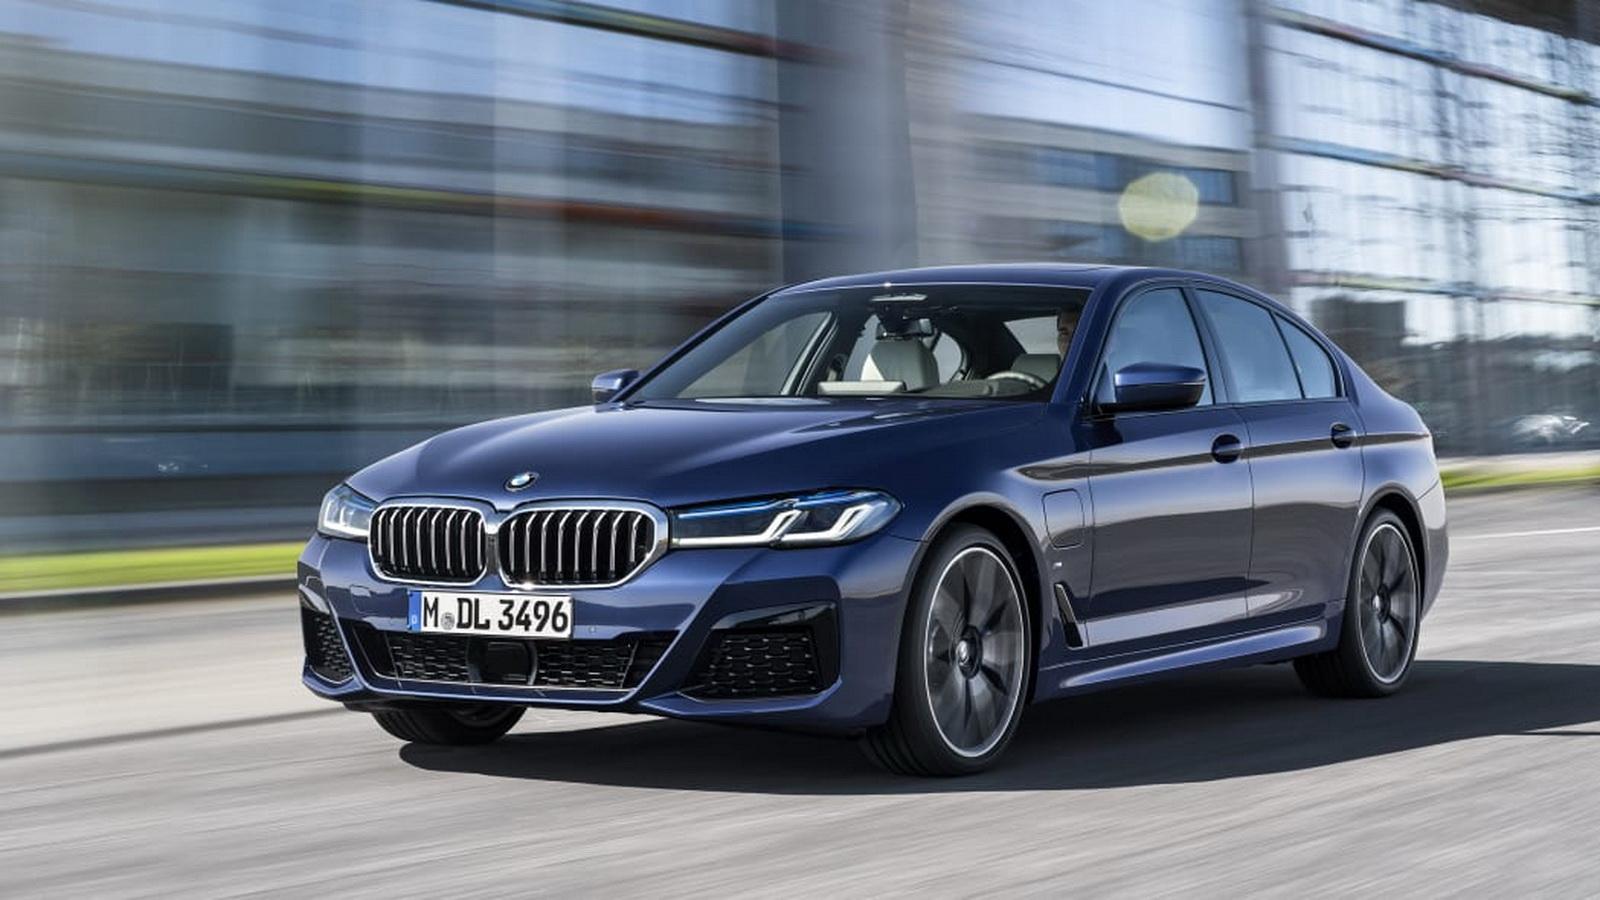 圖/BMW稍早時候公布最新5系列車型,除了外觀做了些微調整,也因應潮流提供多種動力車型。